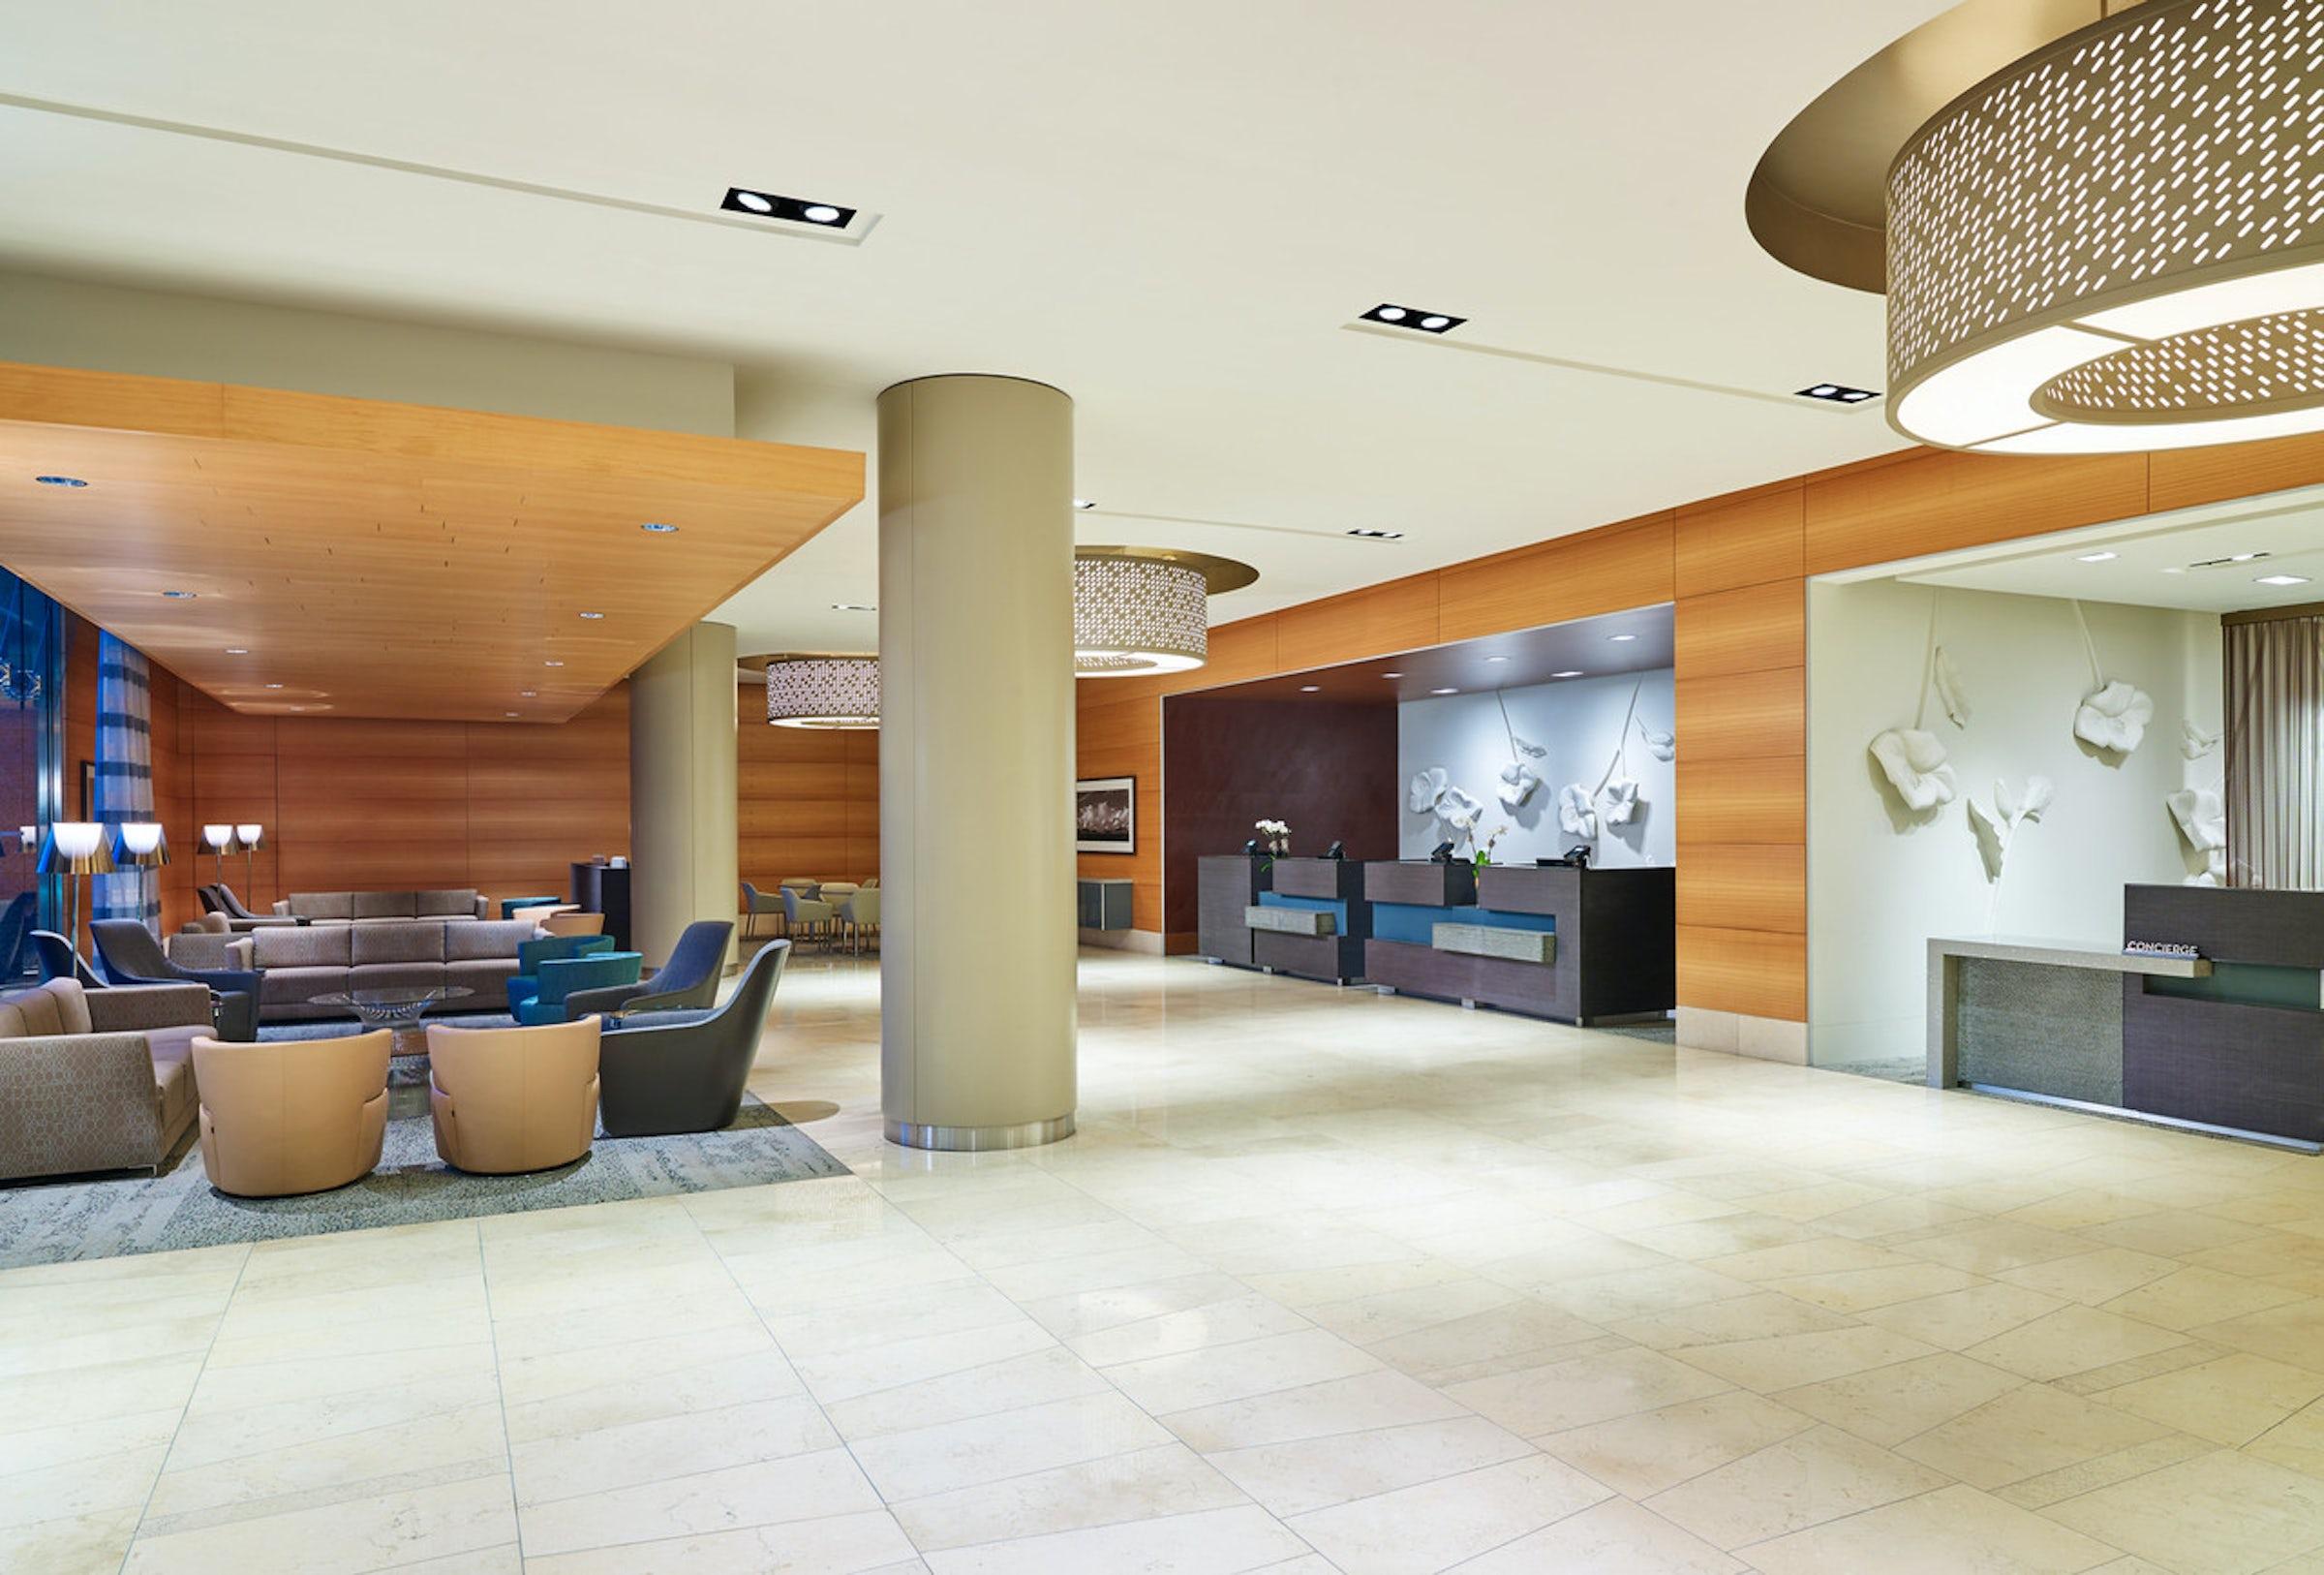 The Westin Galleria Dallas in Beyond Dallas